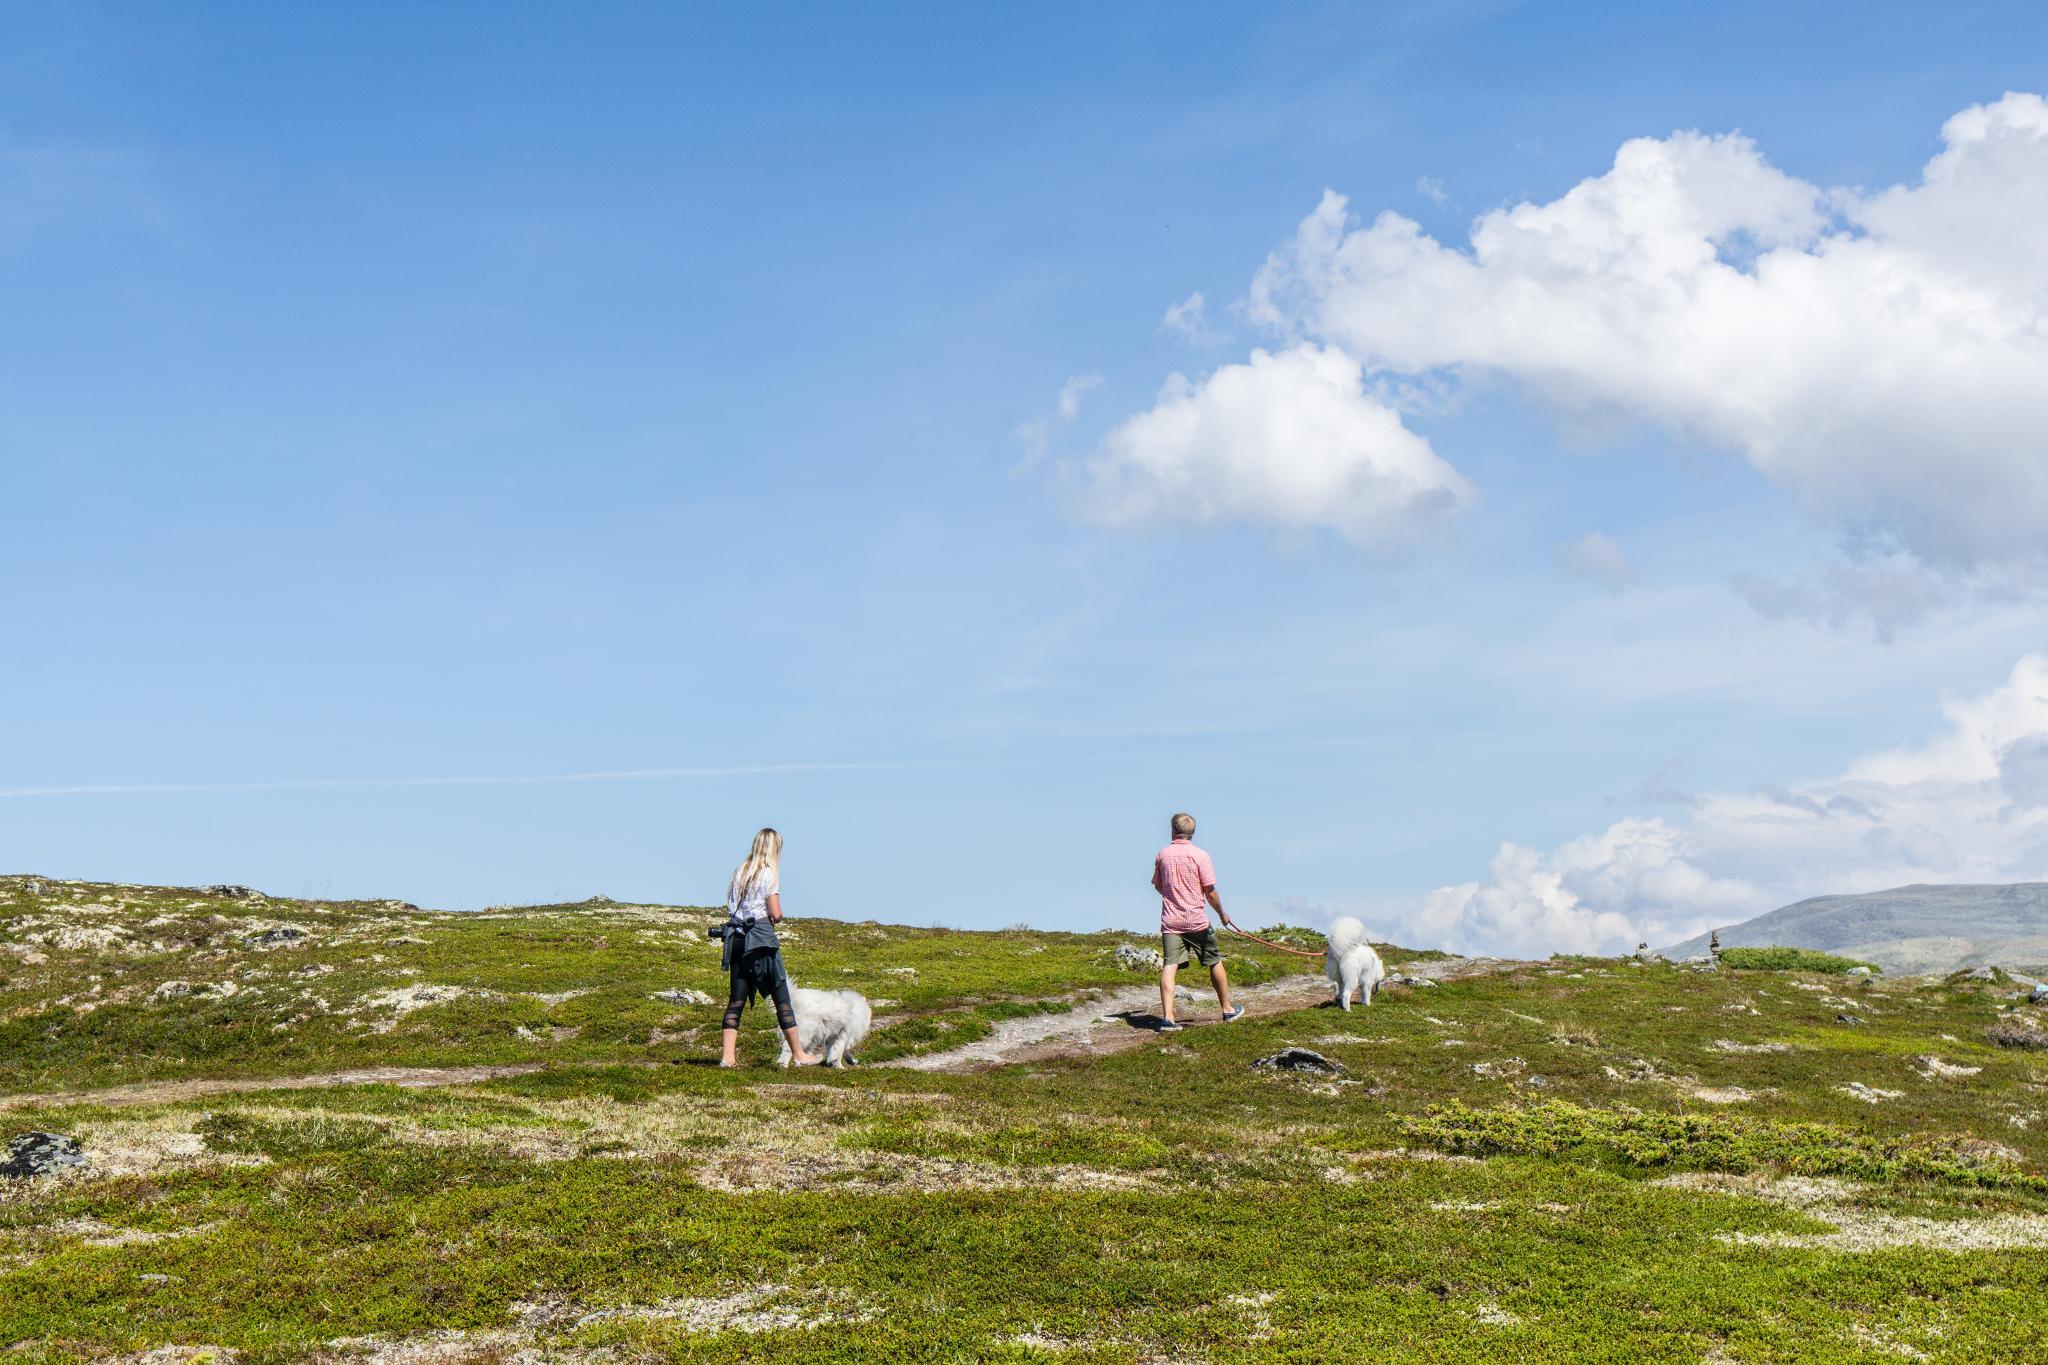 【北歐景點】世界最美景觀公路 - 俯瞰挪威松恩峽灣的 Fv243 雪之路 (Aurlandsfjellet) 24